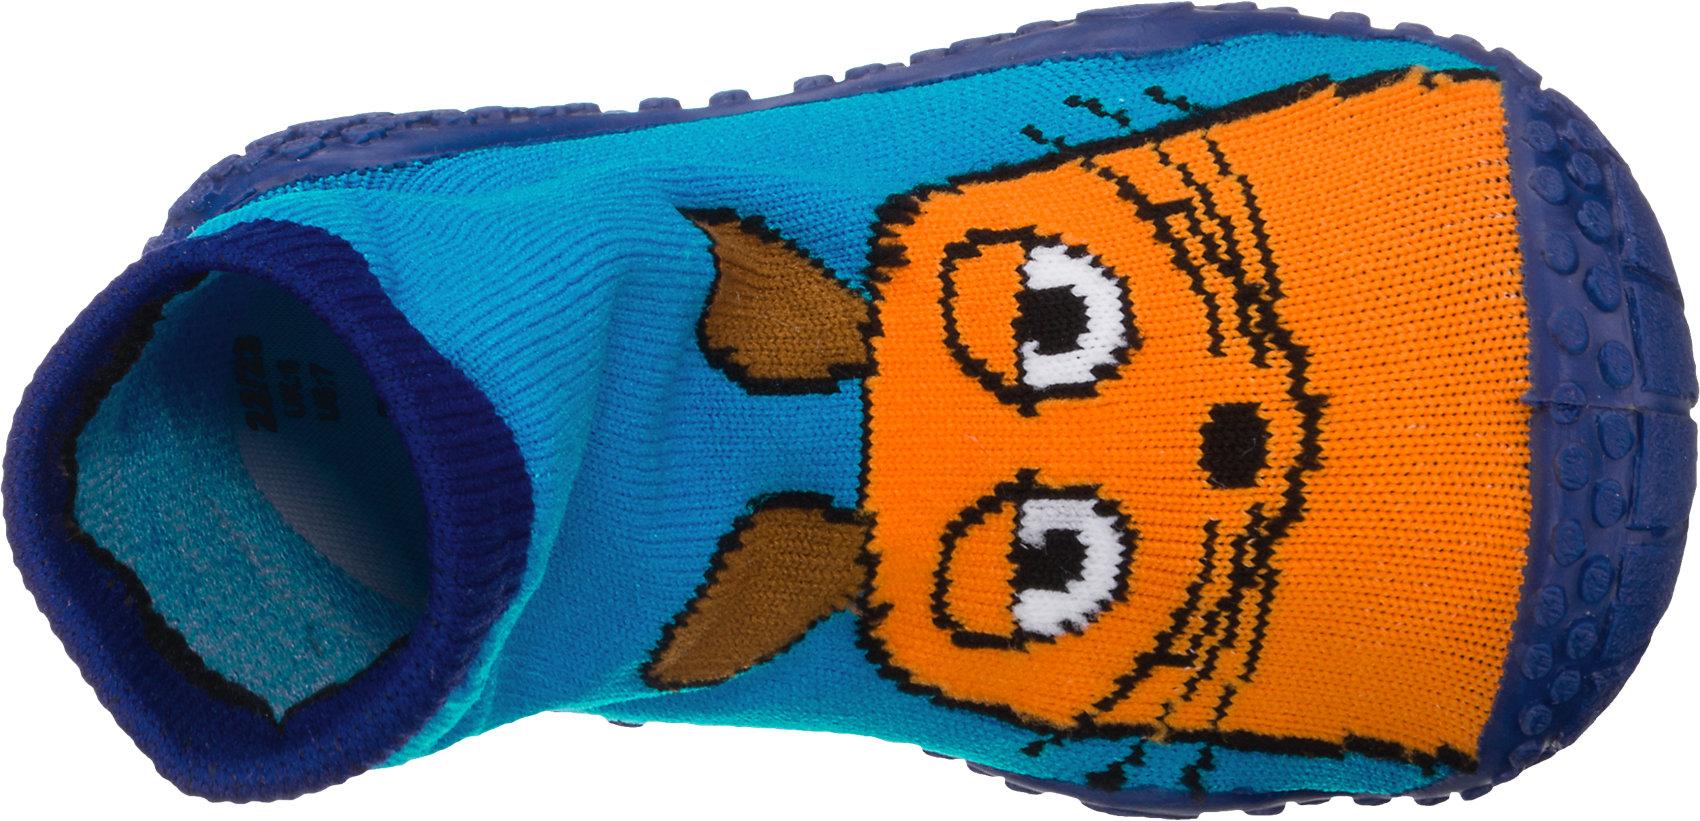 Neu Playshoes Baby Aquasocke DIE MAUS für Jungen 6018554 für Jungen blau